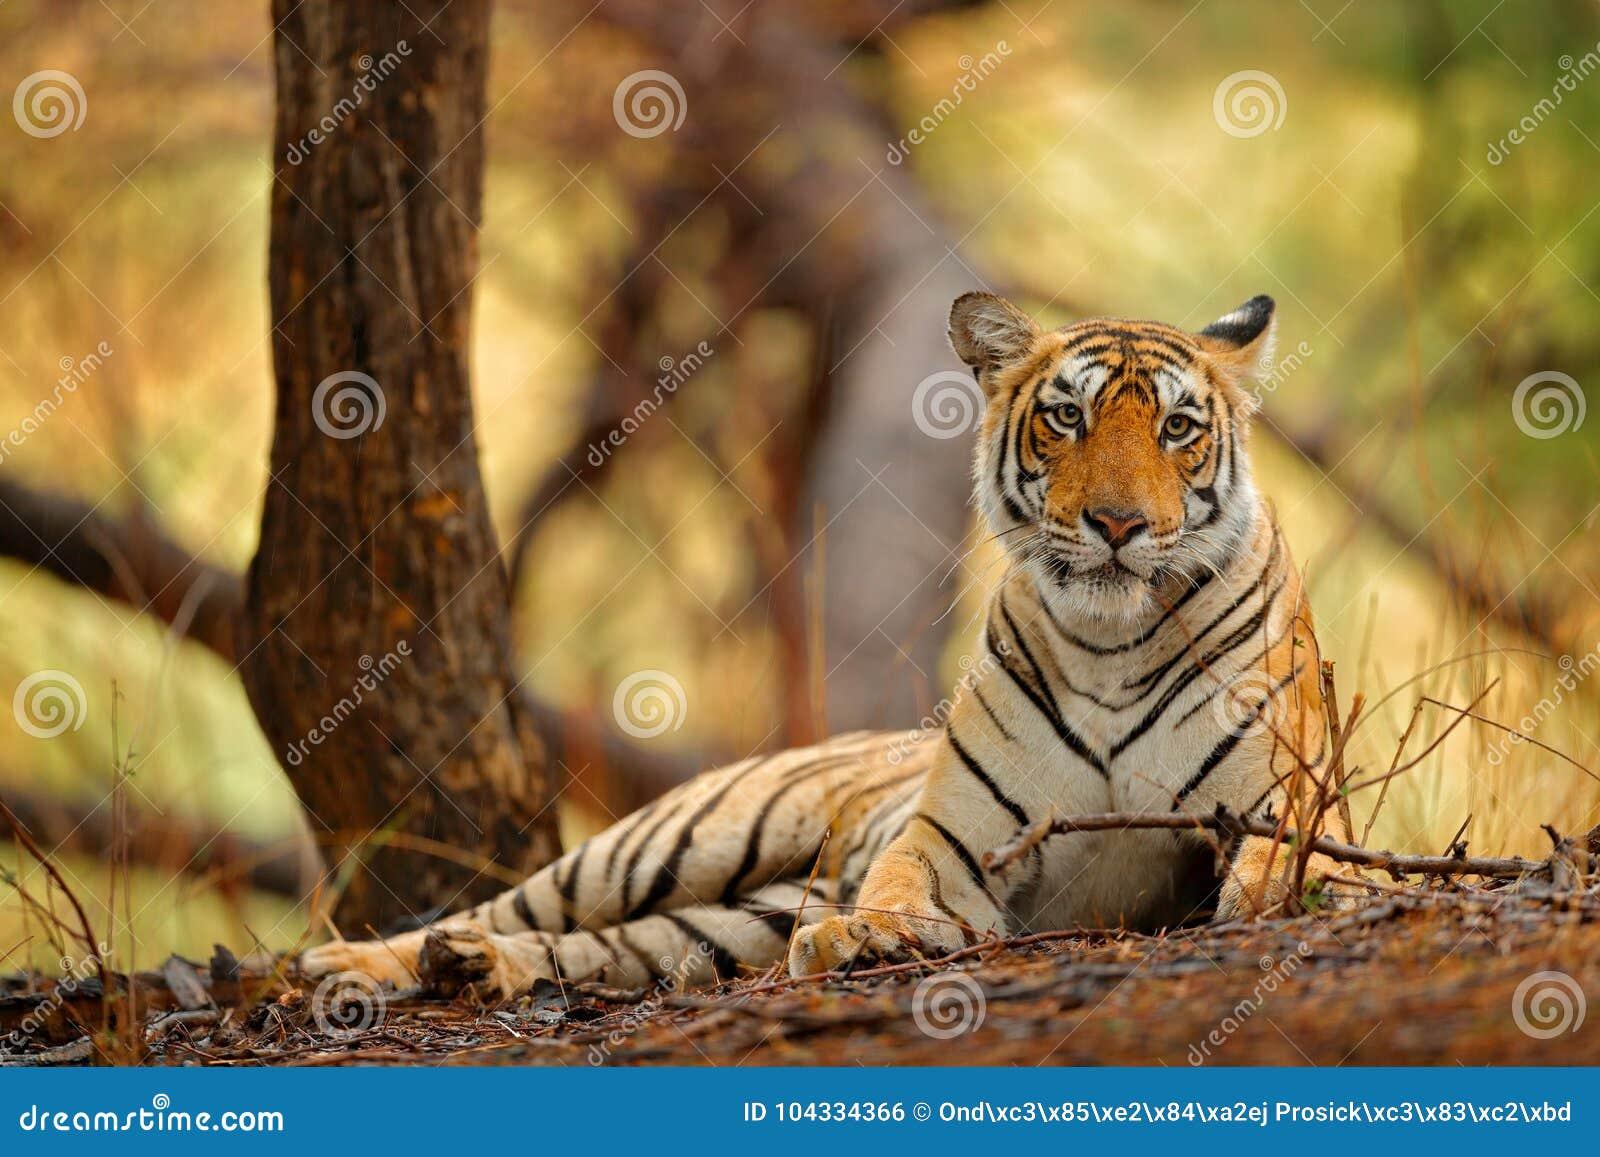 Indisch tijgerwijfje met eerste regen, wild dier in de aardhabitat, Ranthambore, India Grote kat, bedreigd dier Eind van droog